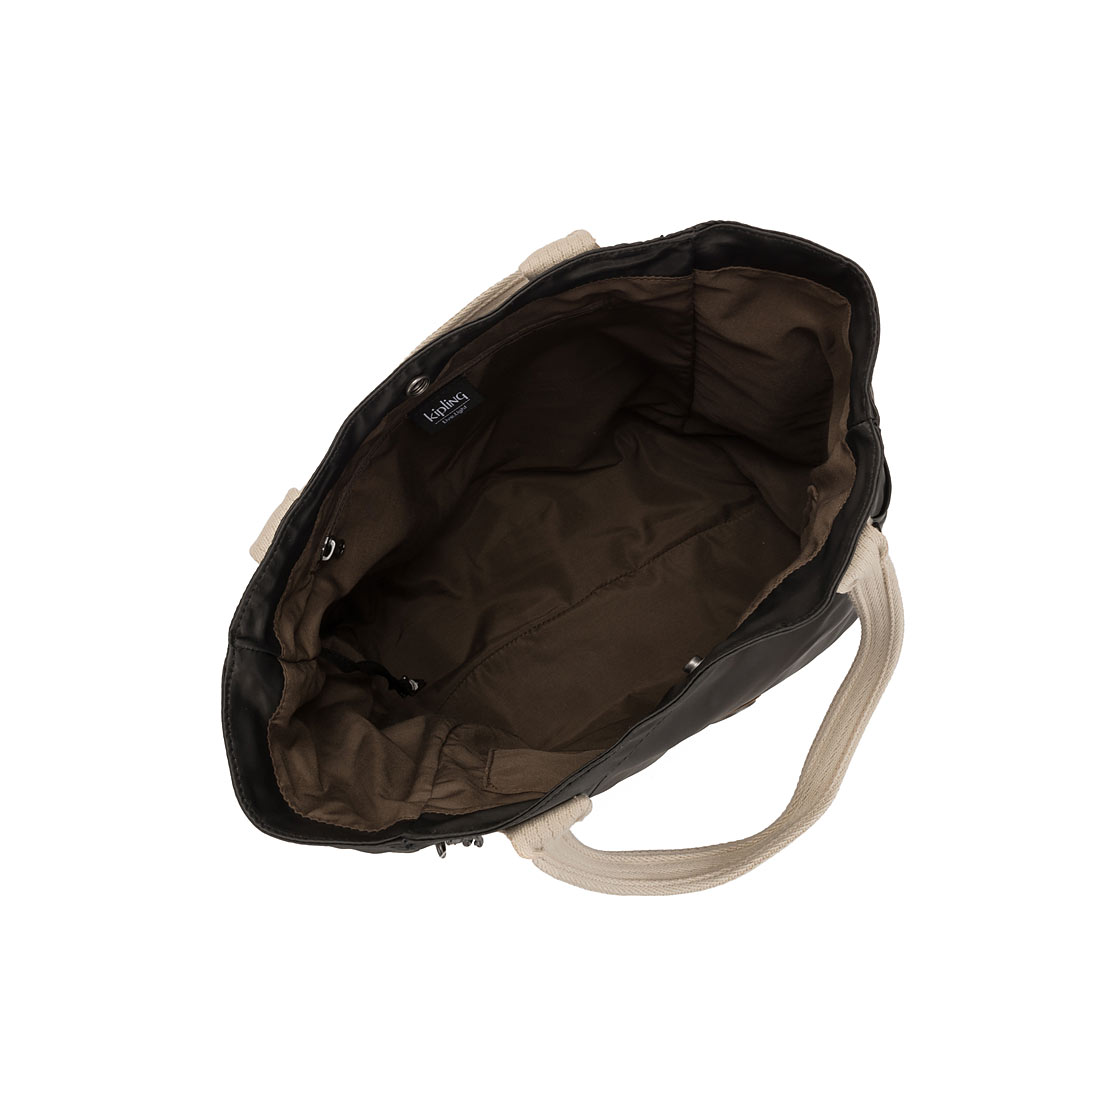 期間限定価格7 22まで キプリング 公式 トートバッグ ALMATO Delicate BlackKI620750J8vnm0ONw